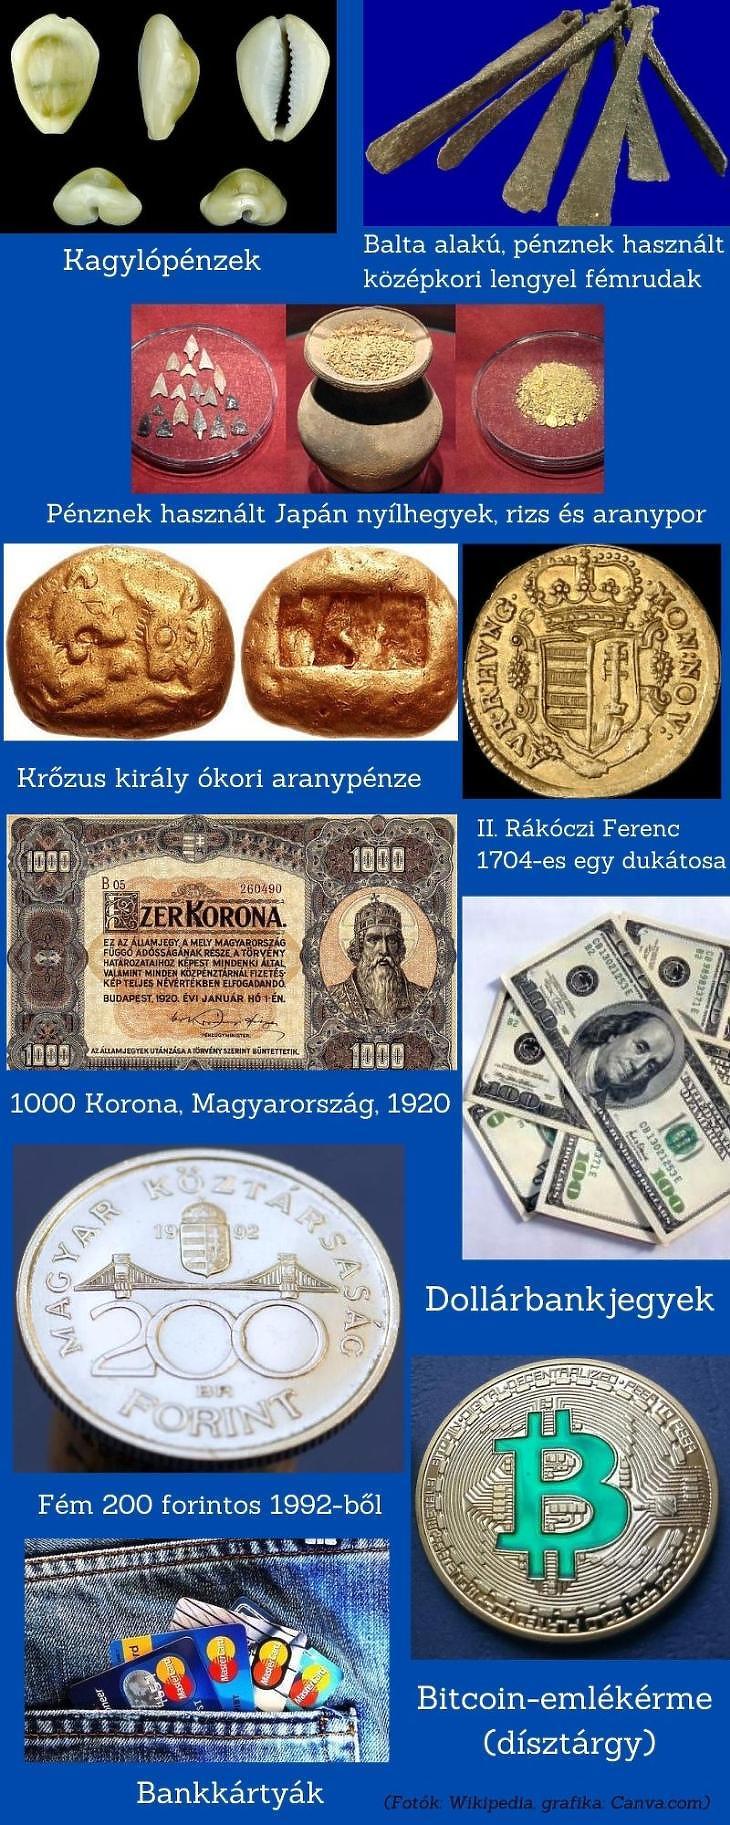 Történelmi pénzek (Wikipedia, Canva.com)